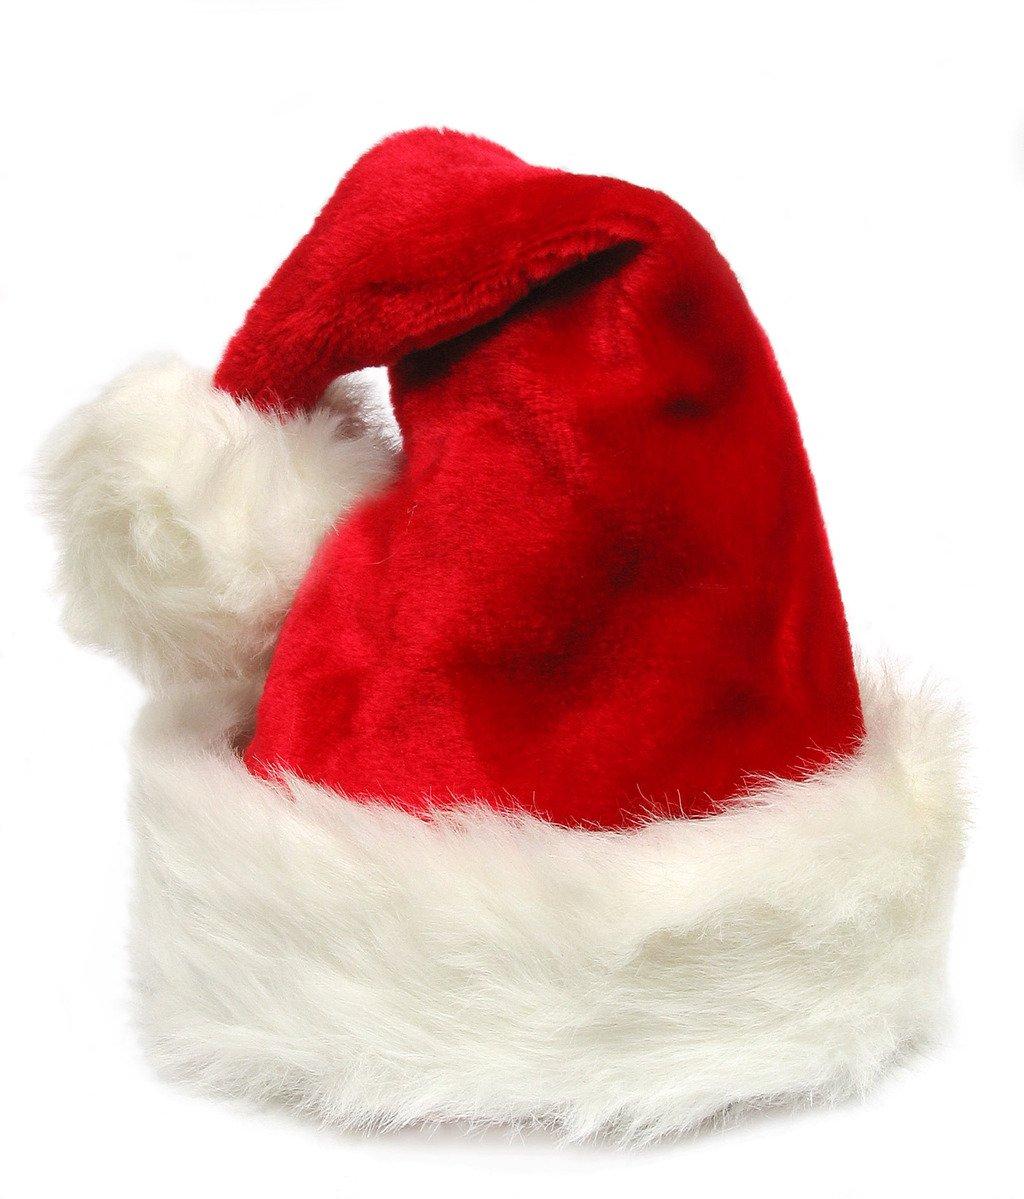 a6587e478e0 Free santa claus Images